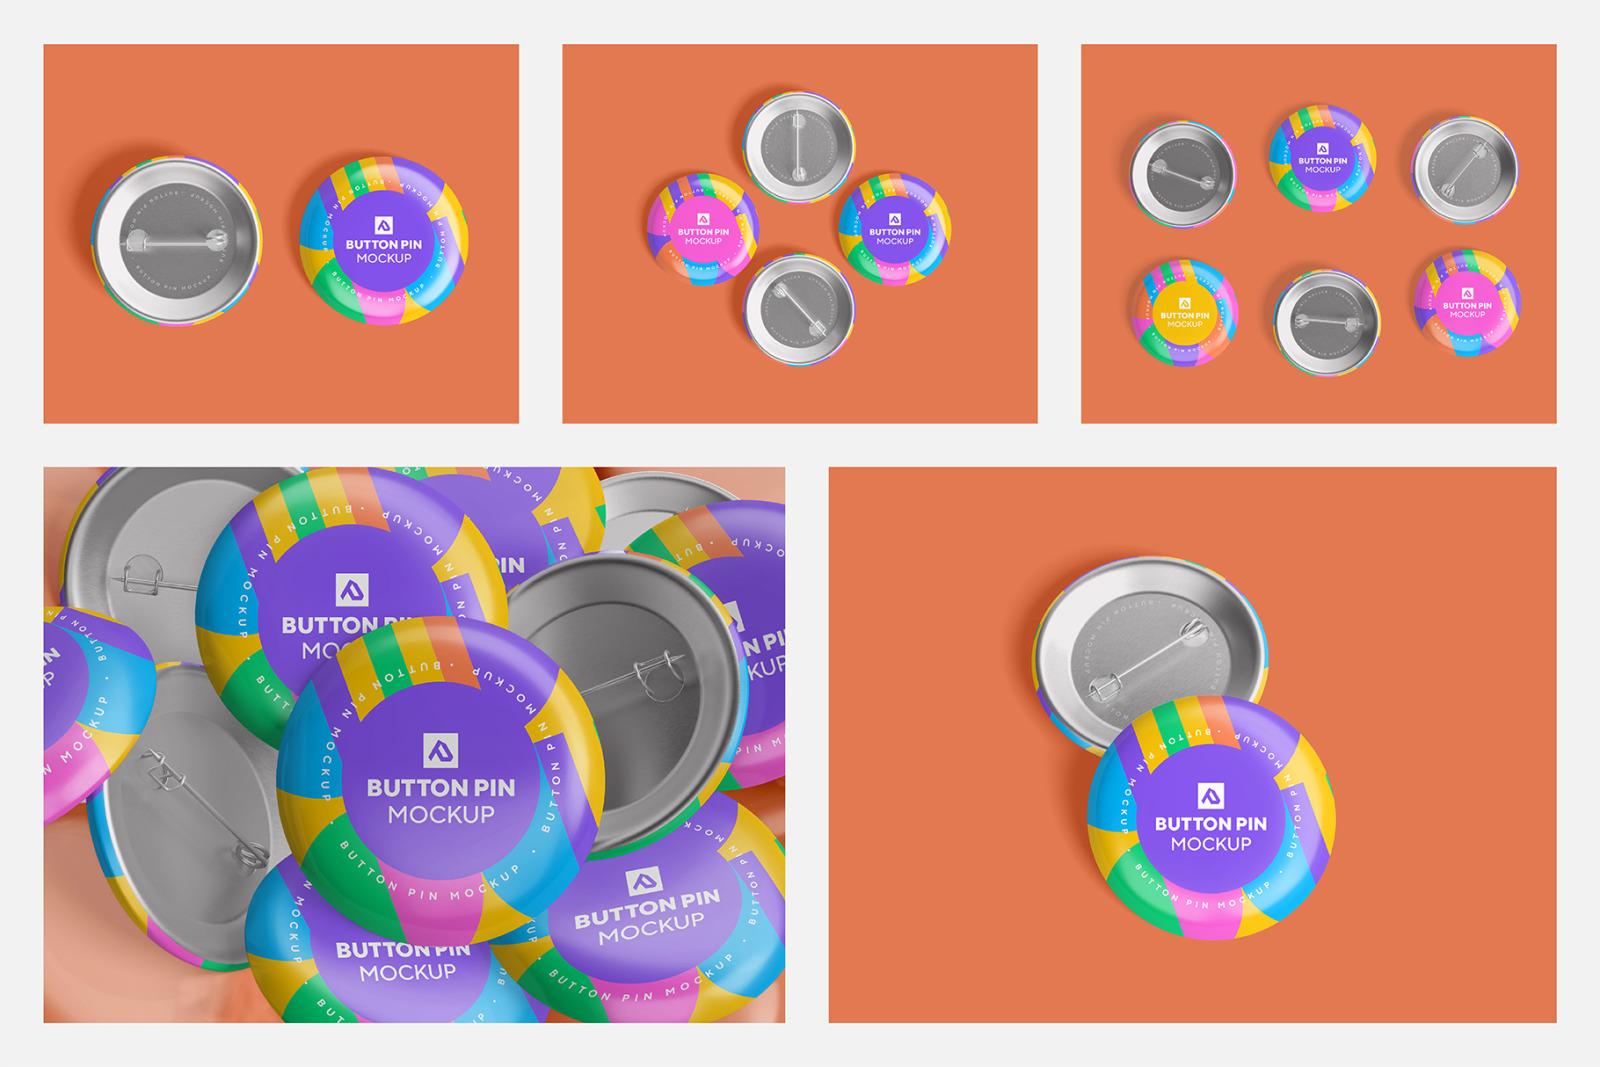 Glossy Circle Button Pin Badge Mockup Set